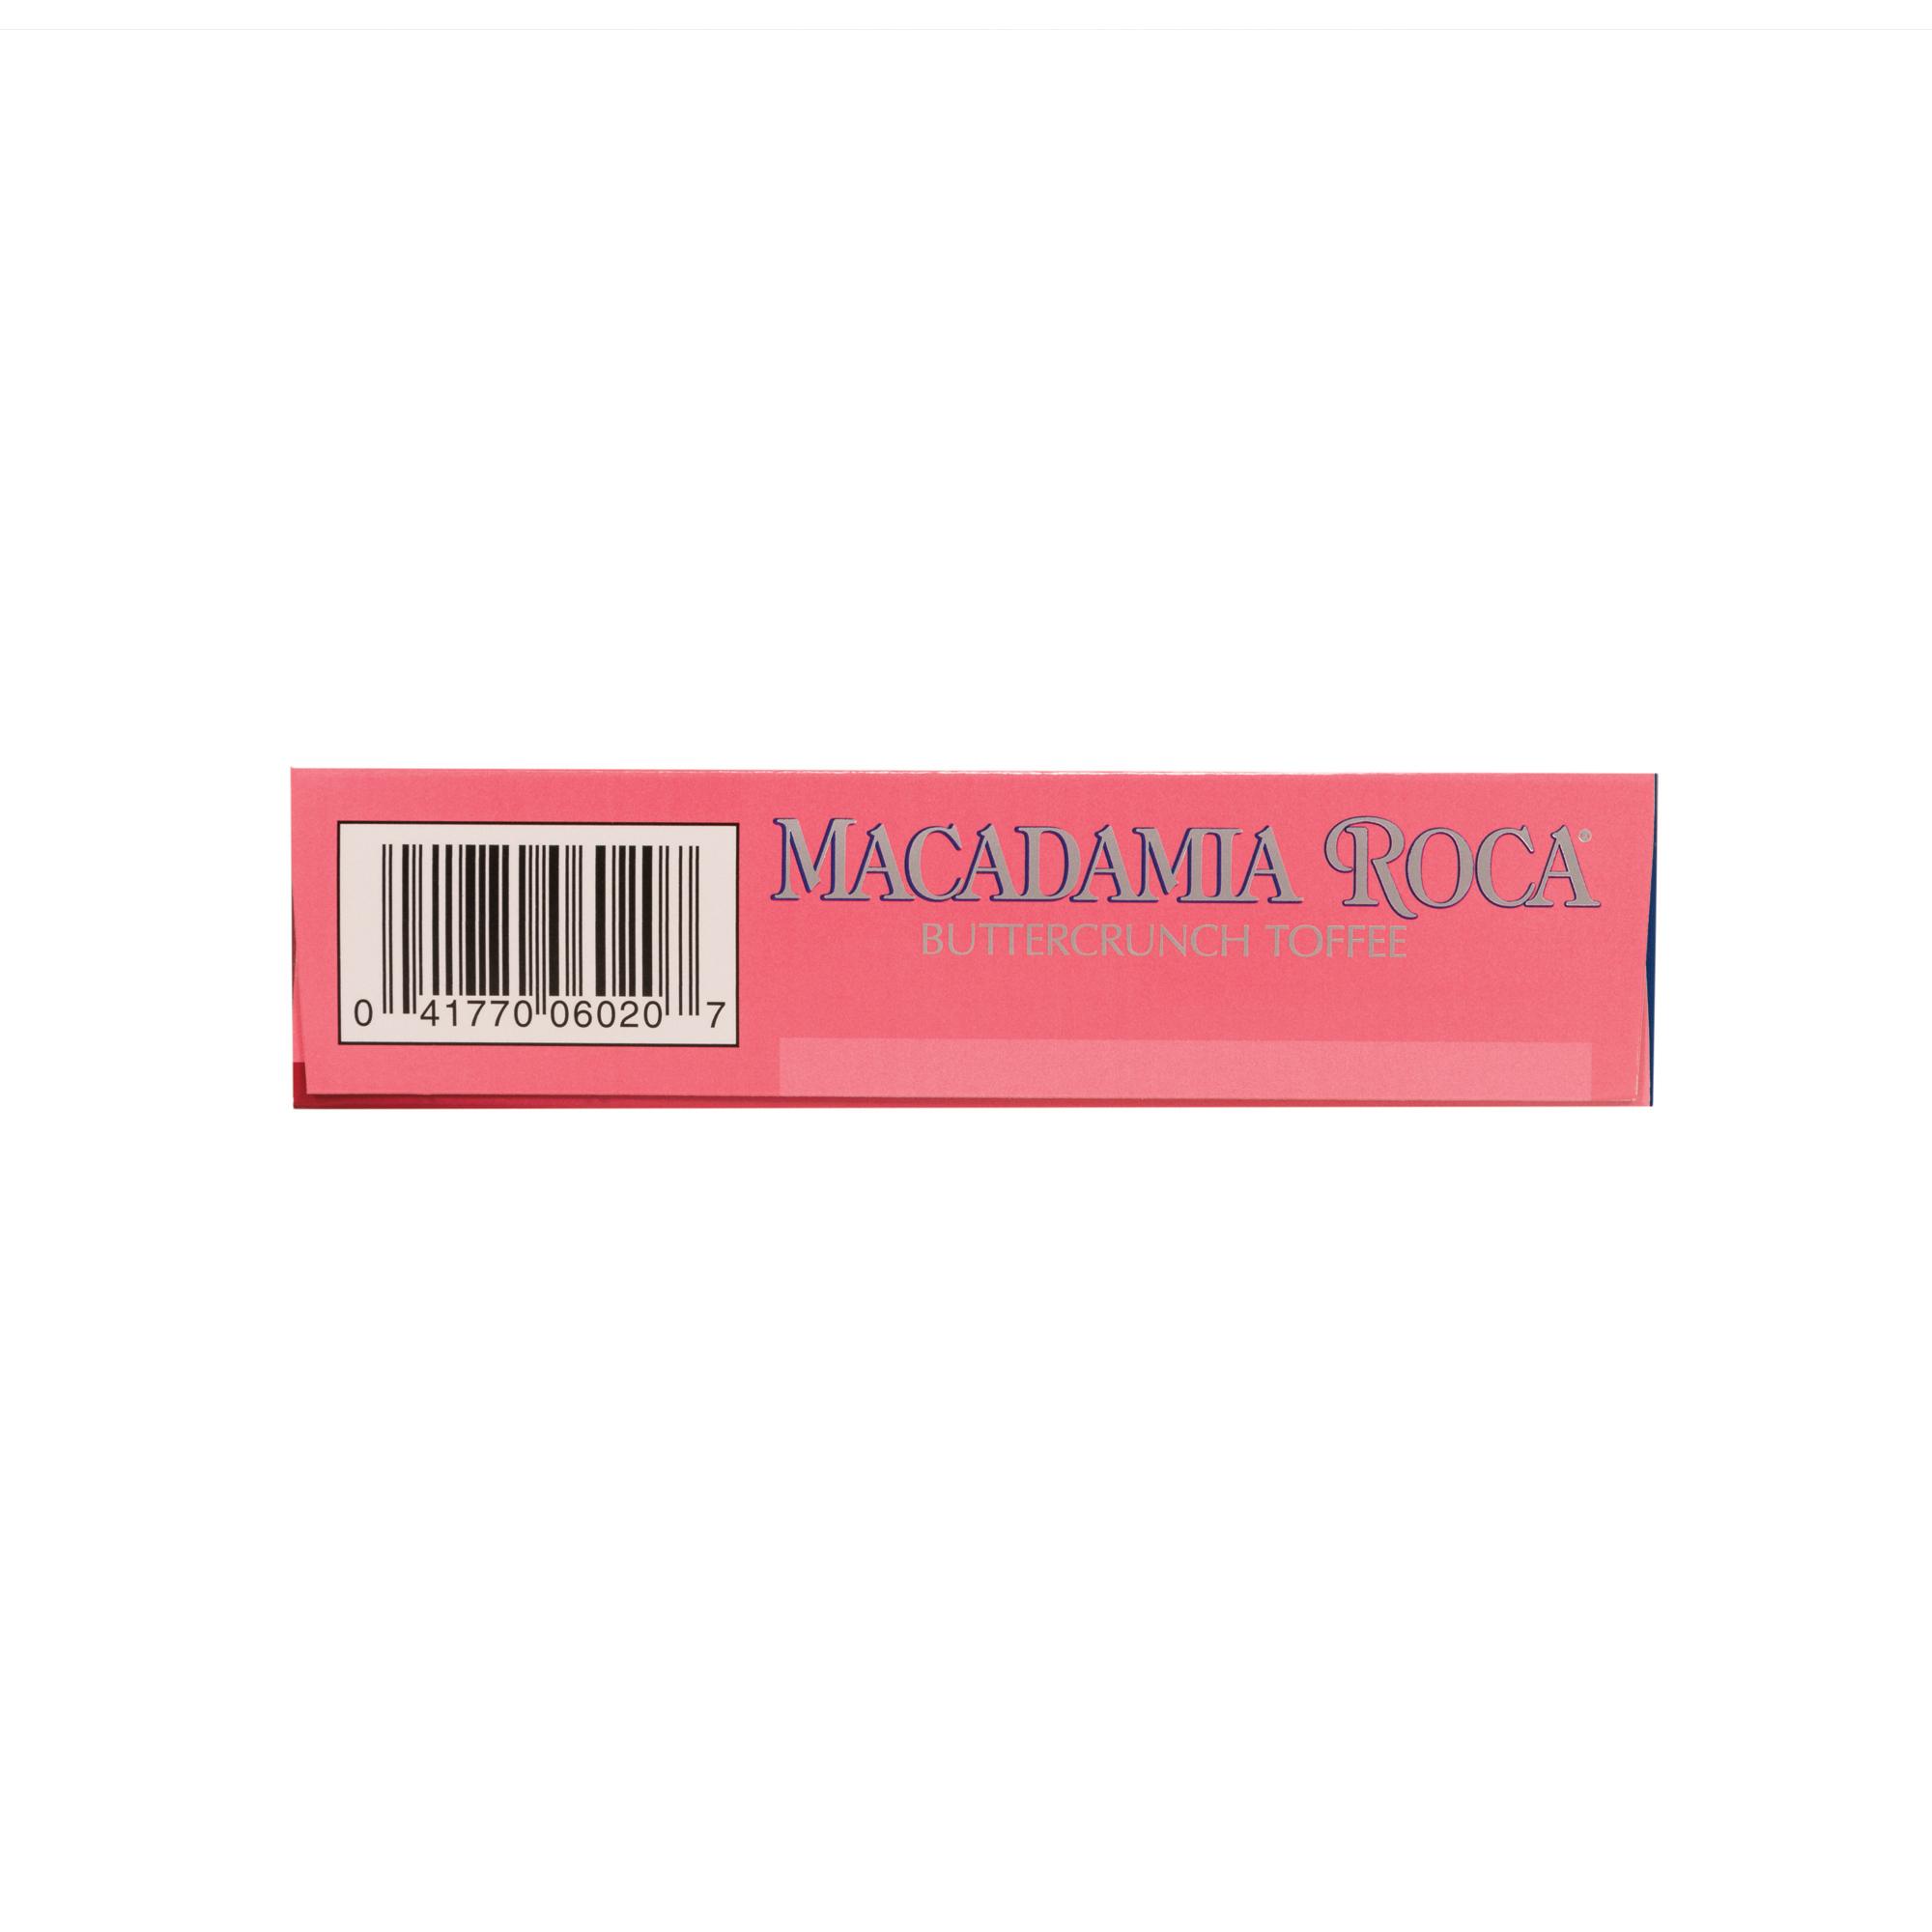 0602 4.9 oz MACADAMIA ROCA® Gift Box - Right-side View